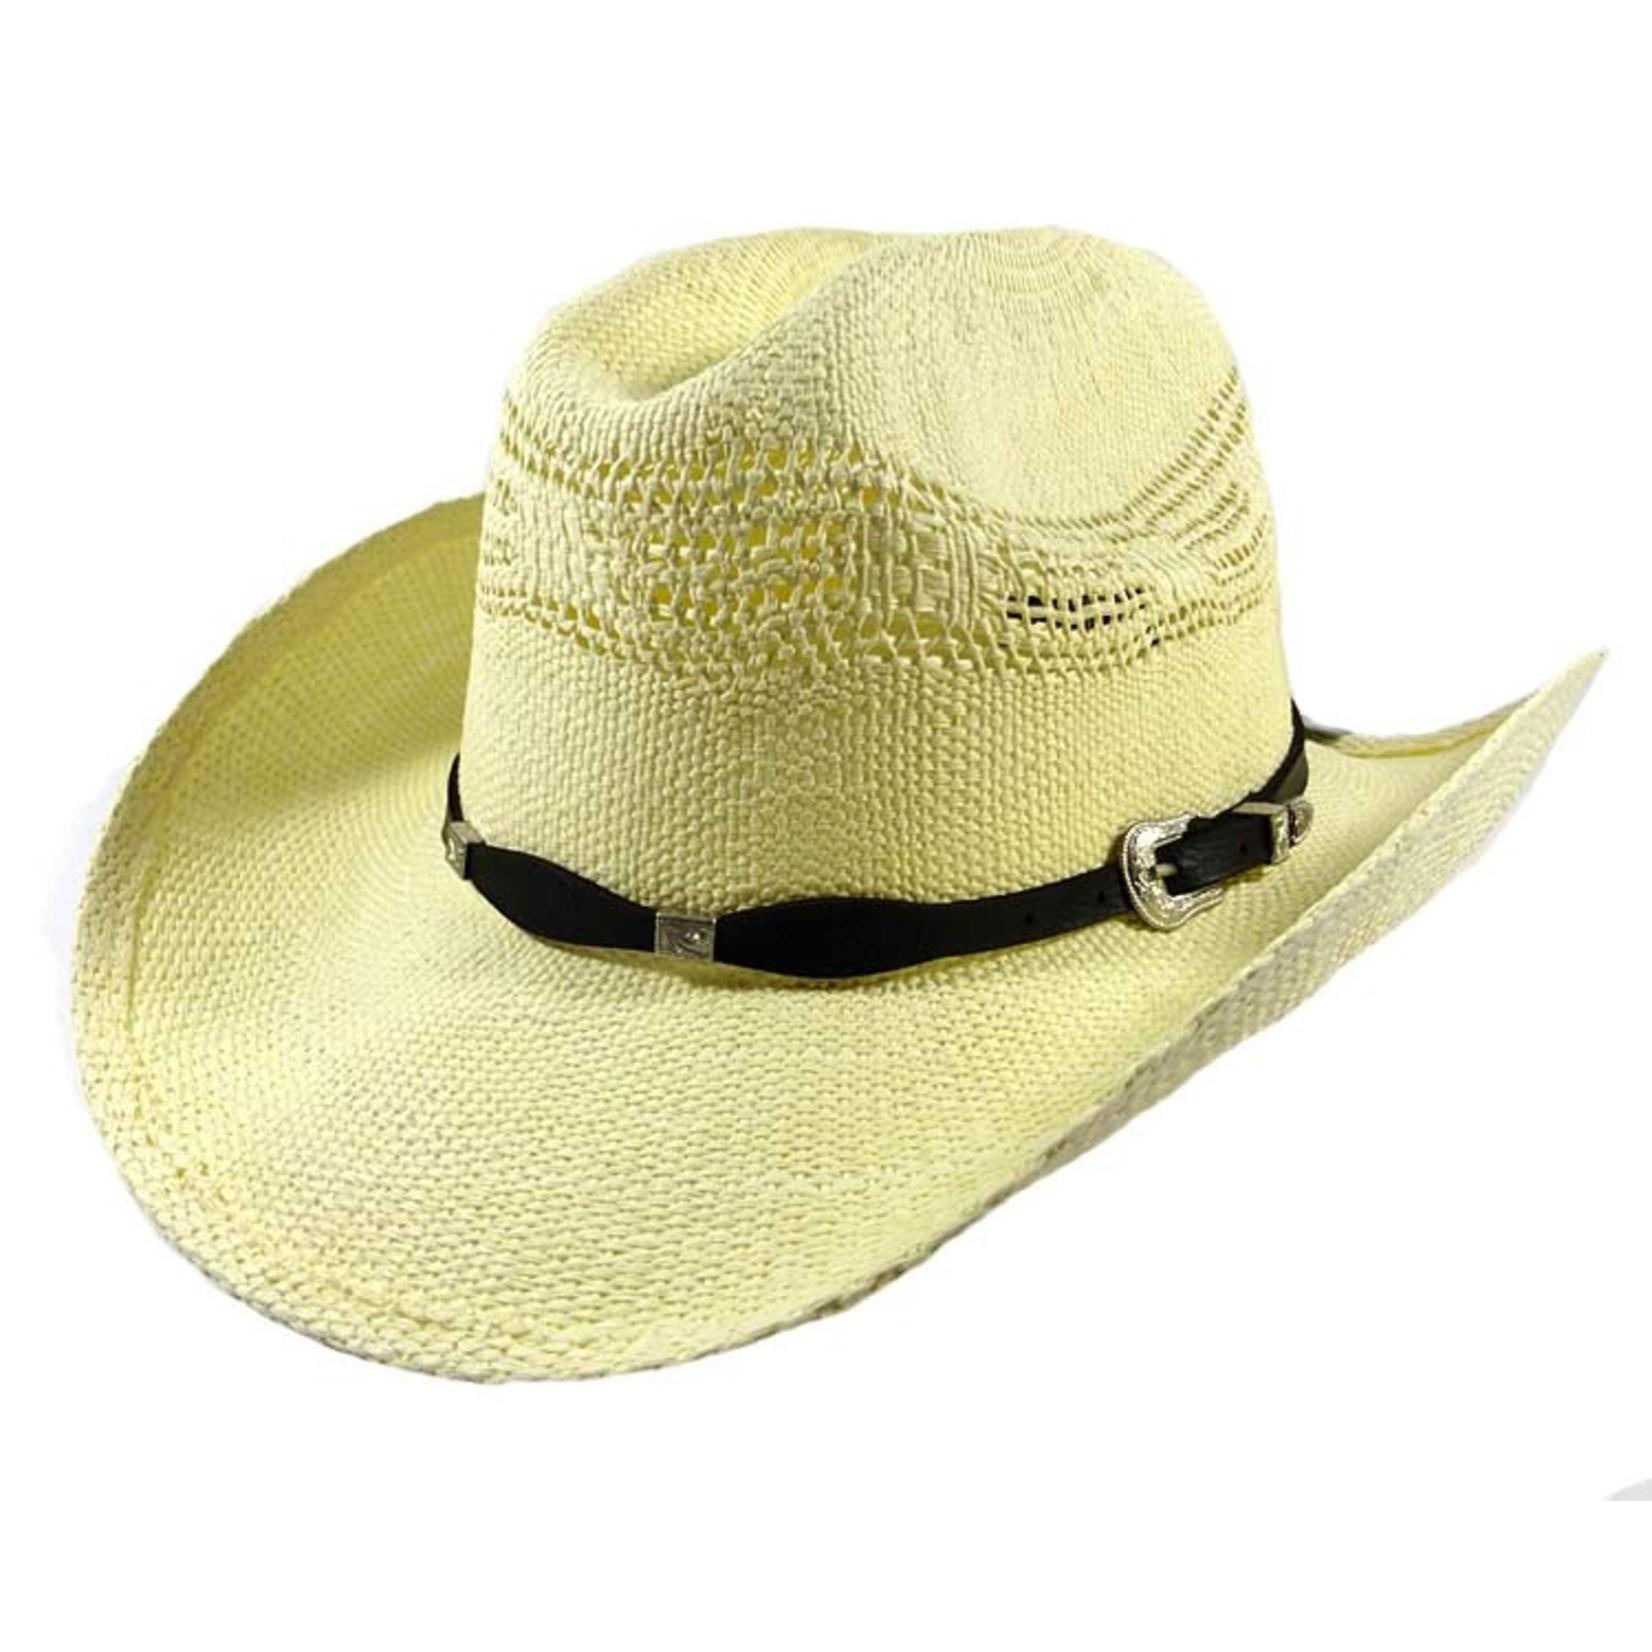 Crown Hat Crown Raffia Khaki & Black Band Straw 4527